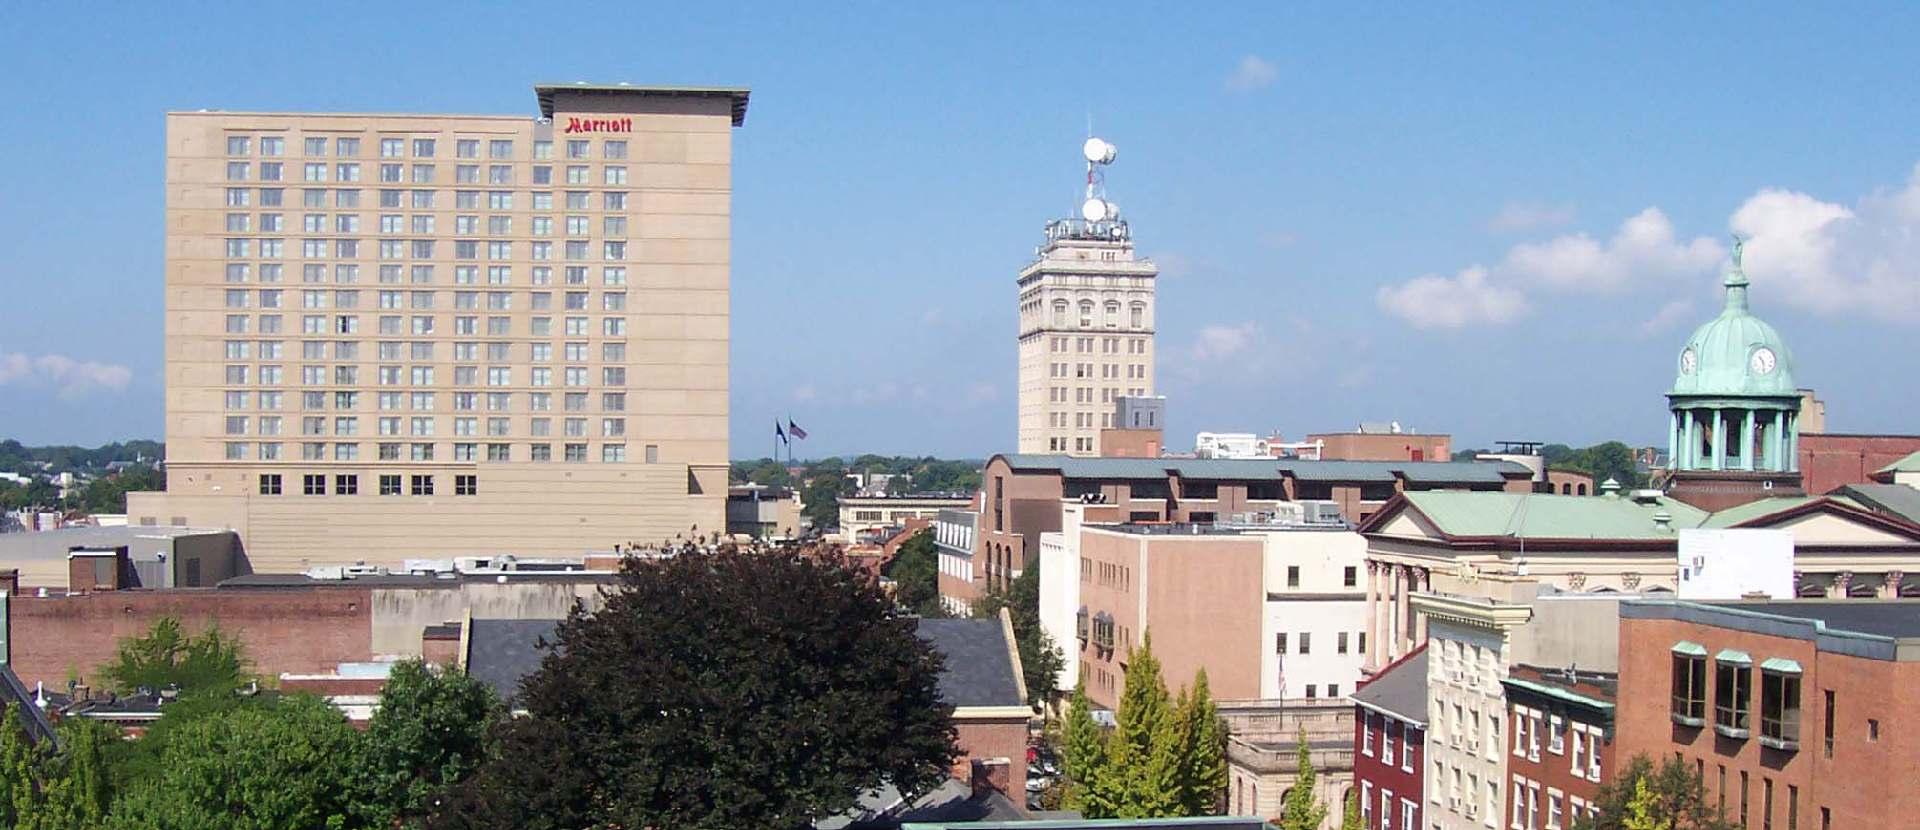 Lancaster PA Vocational Economics